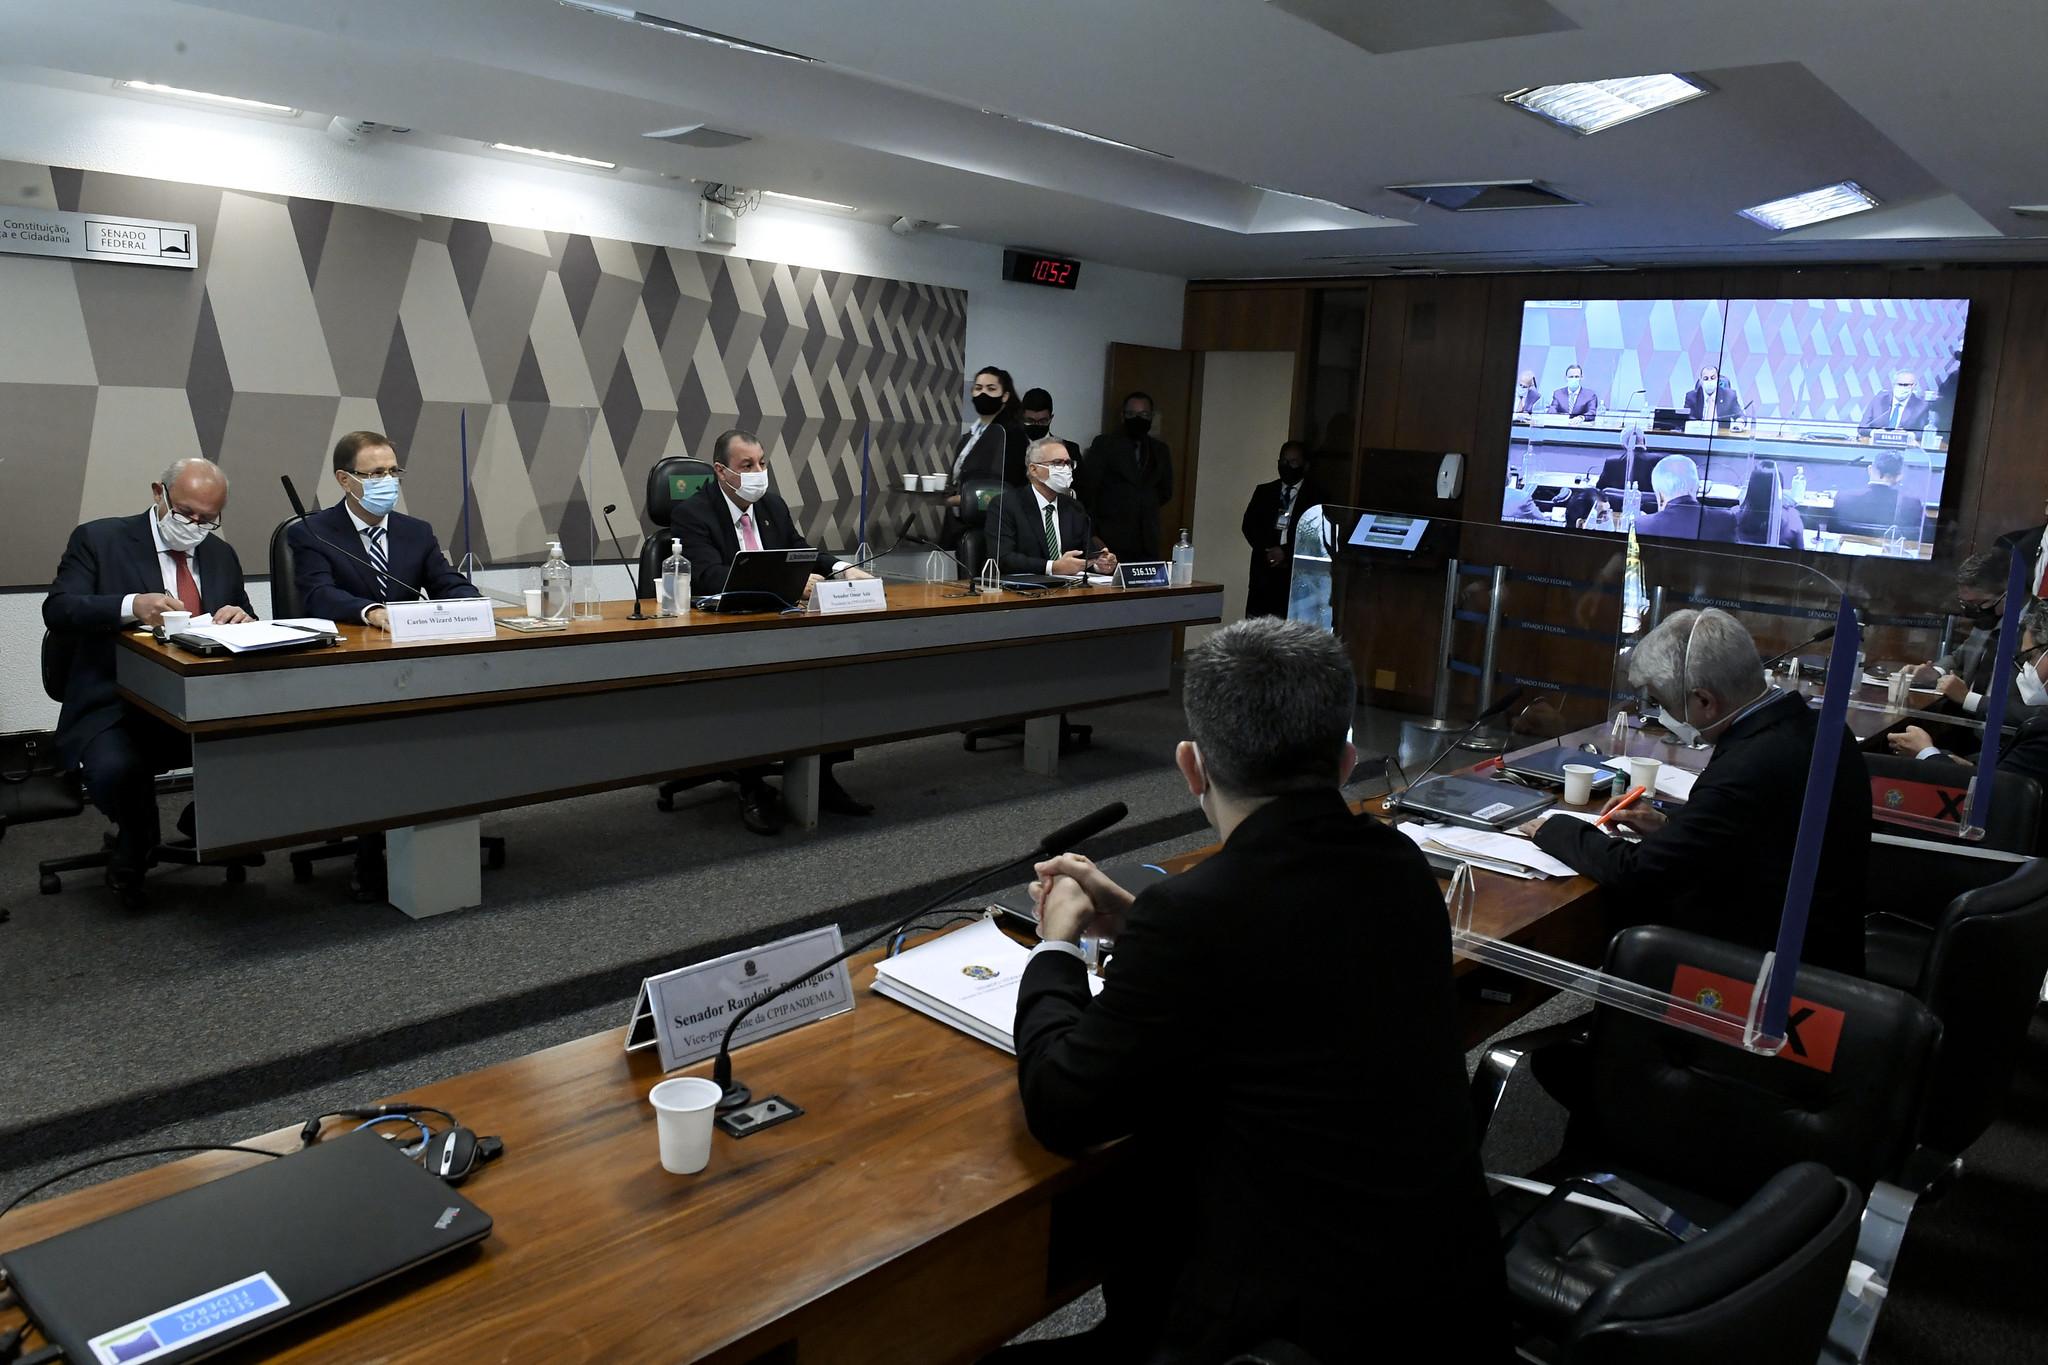 IMAGEM: Ex-assessor de Pazuello será investigado pela CPI mesmo fora do país